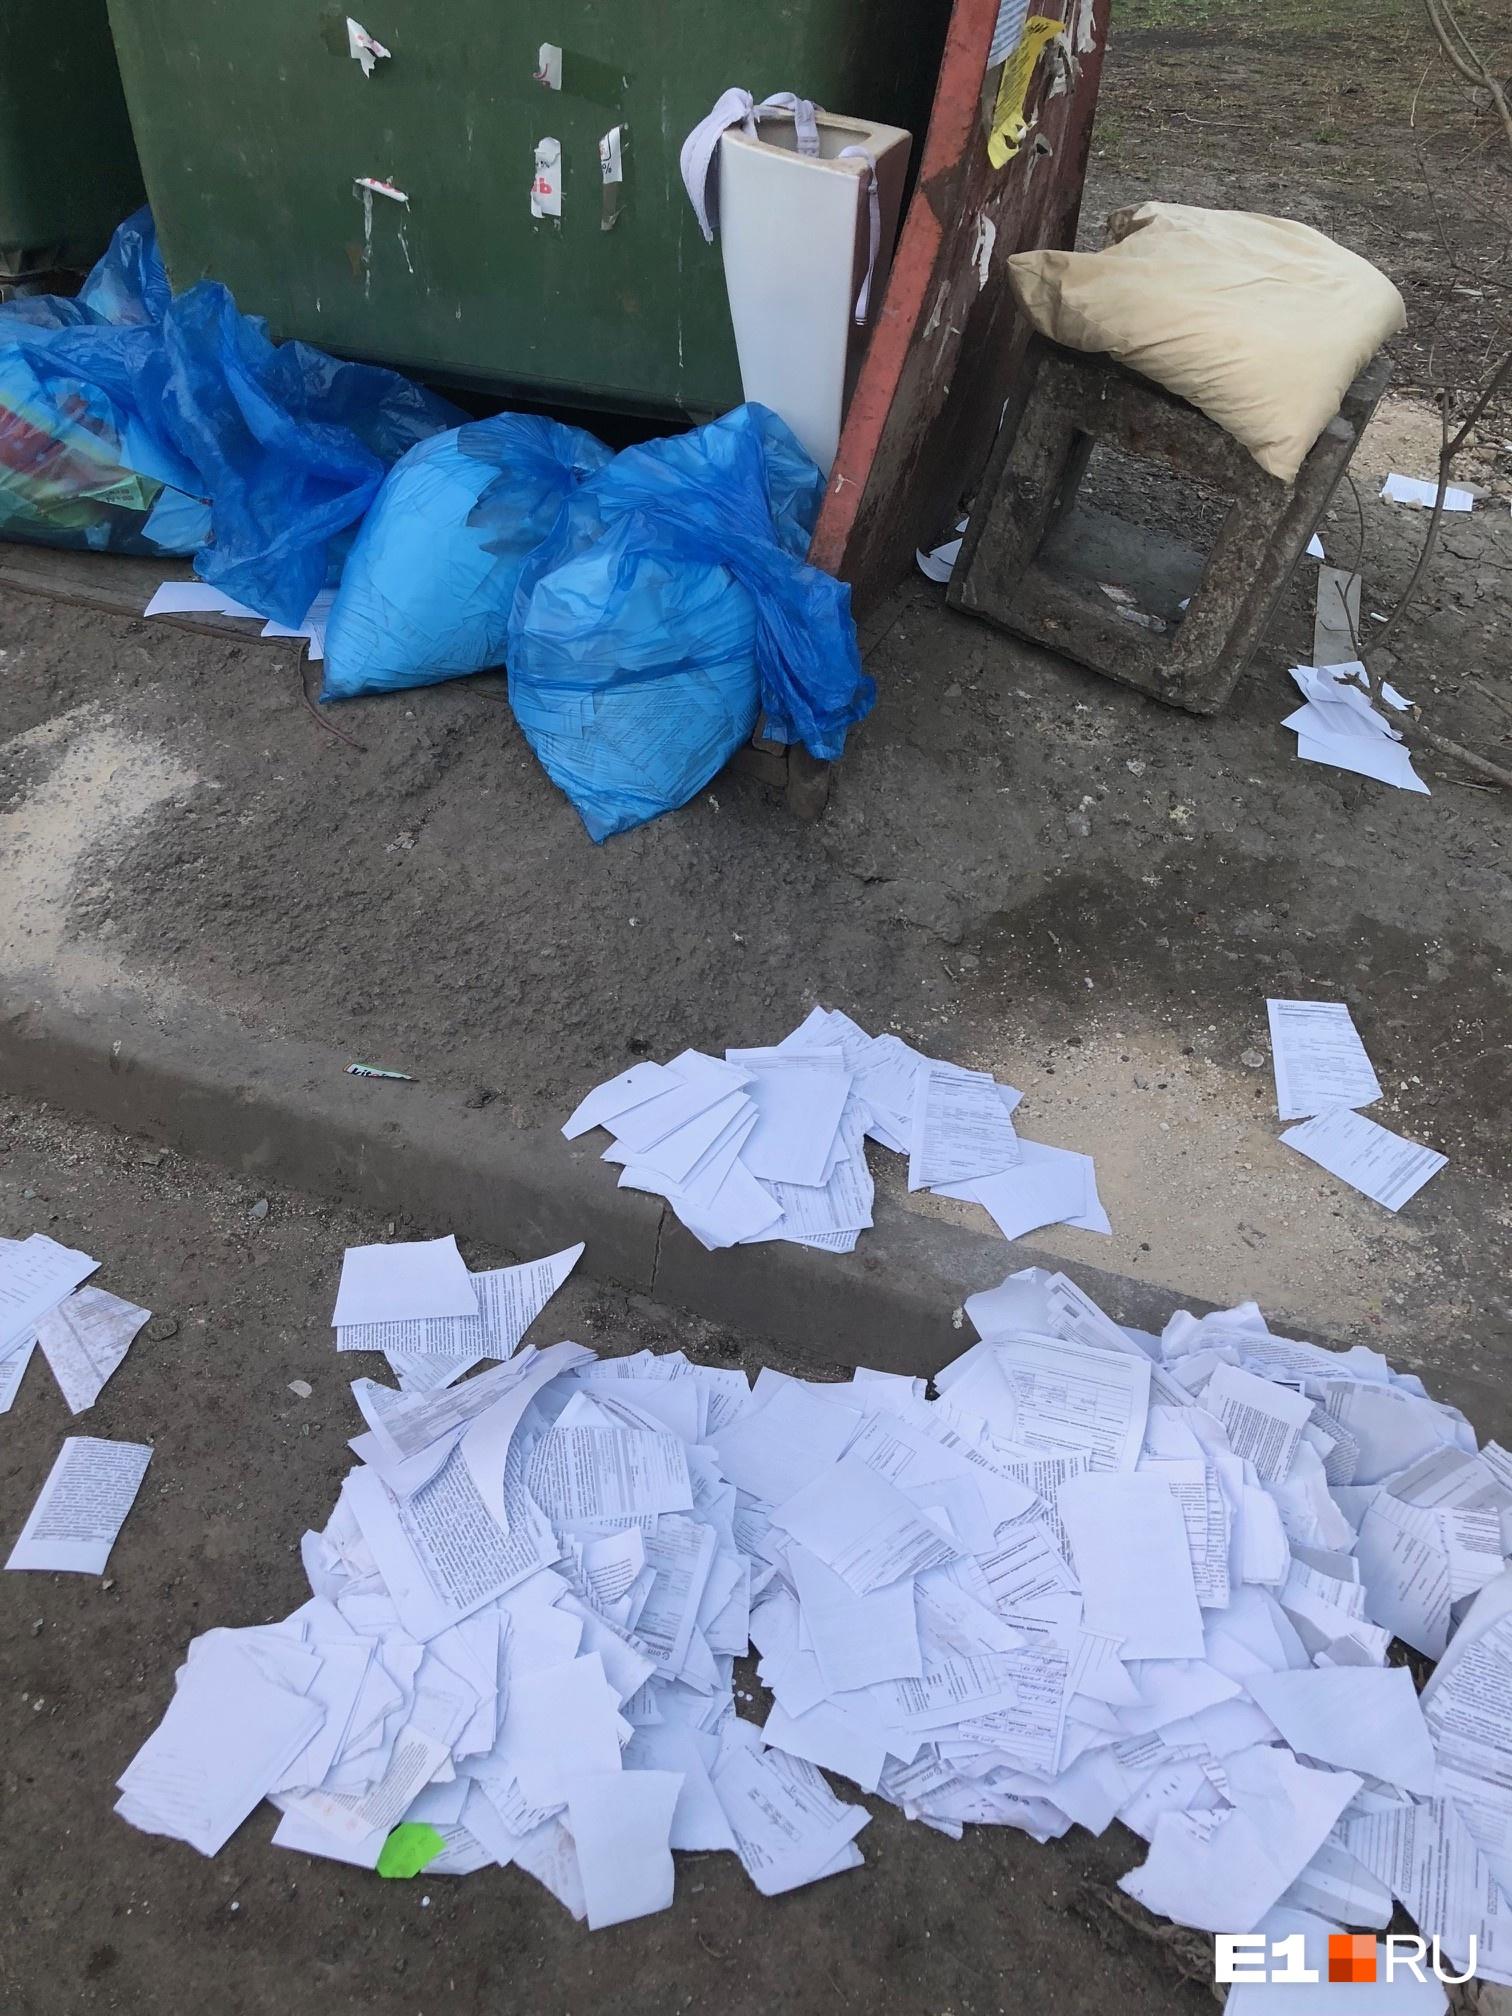 Во дворе на Ботанике выбросили сотни банковских документов с персональными данными клиентов